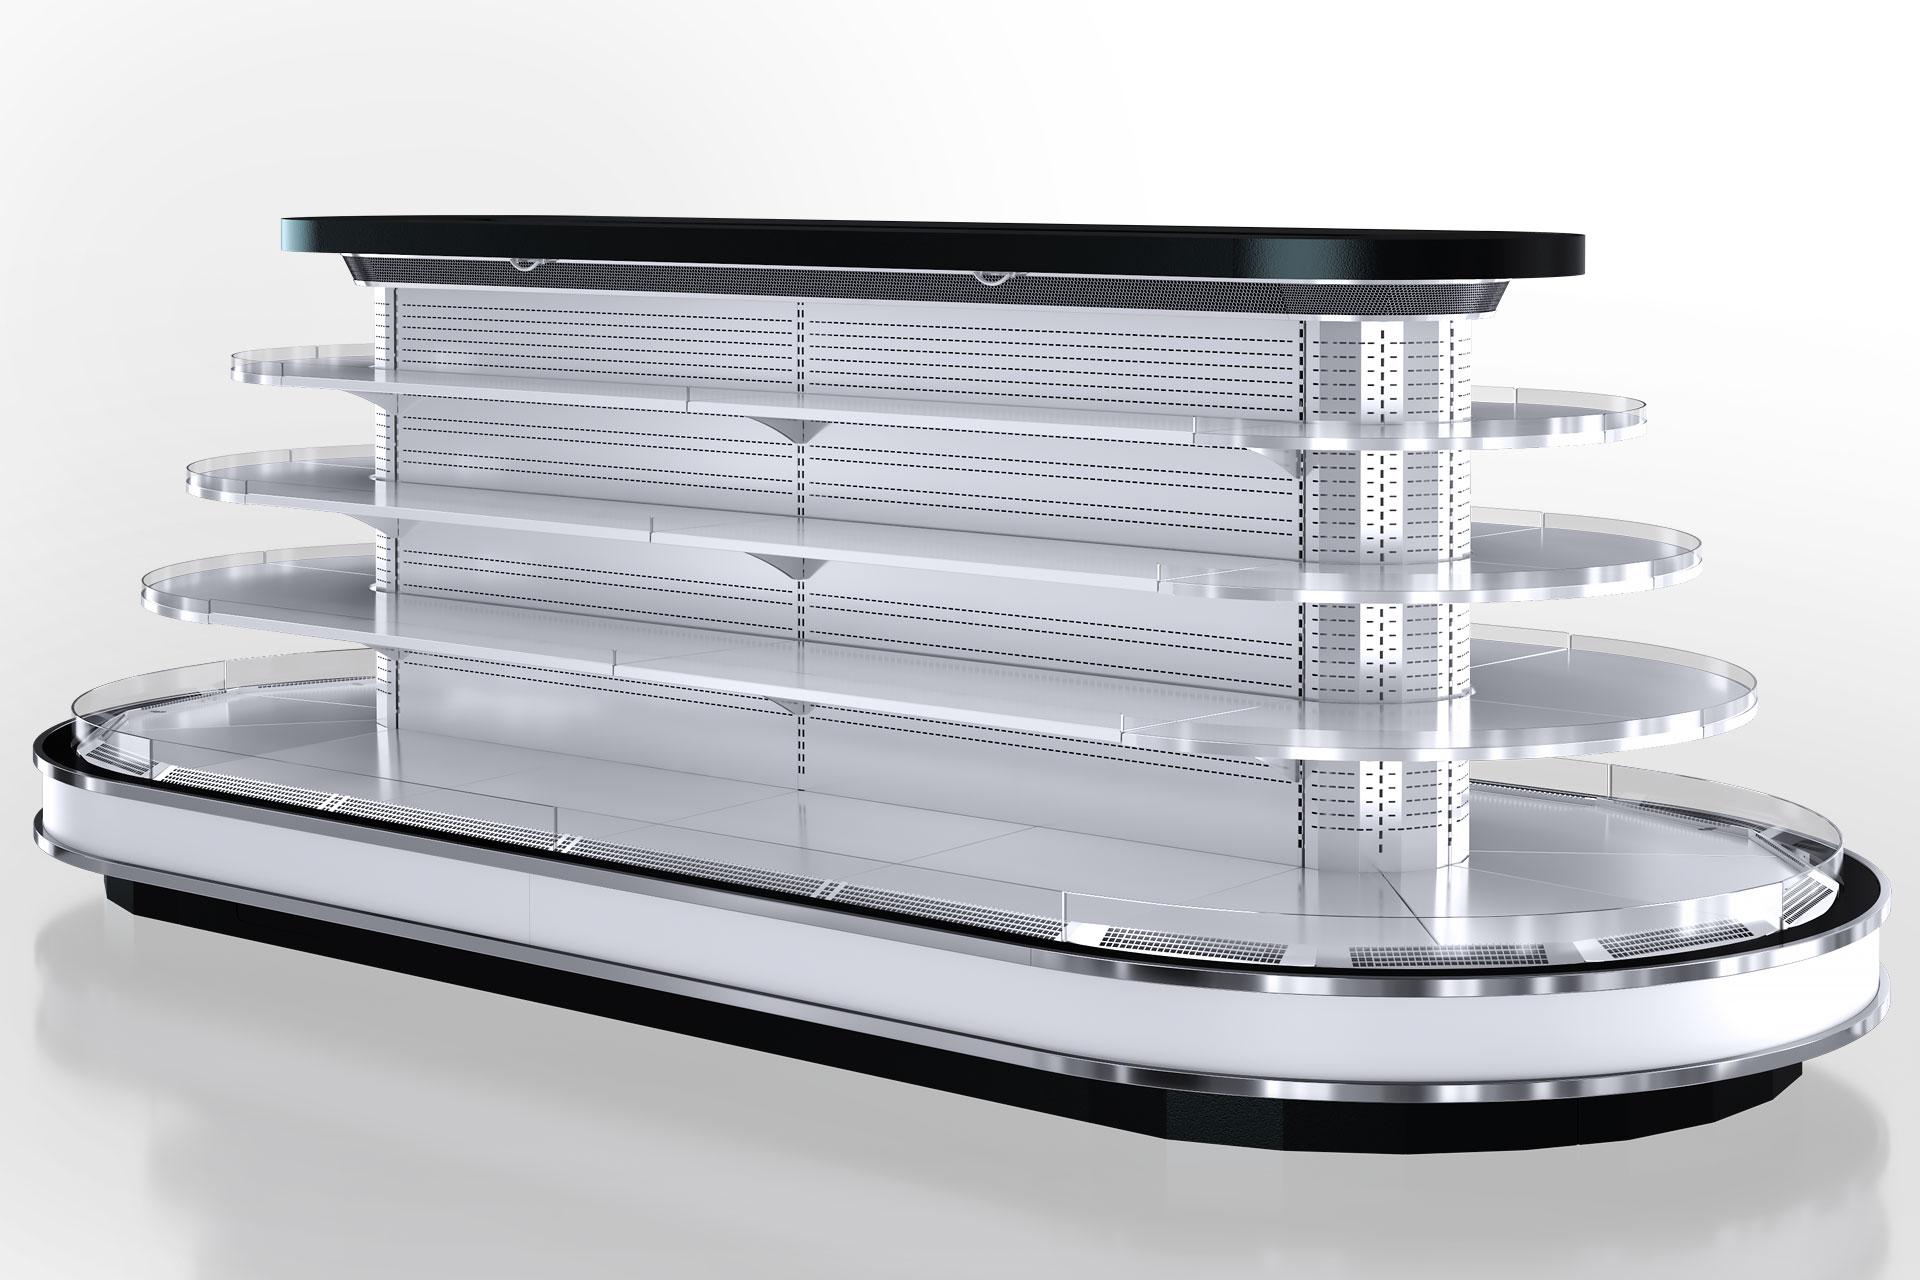 Холодильні напіввертикальні вітрини Мissouri cold diamond Island MV 095/110 deli self 150-DLM - острівна версія